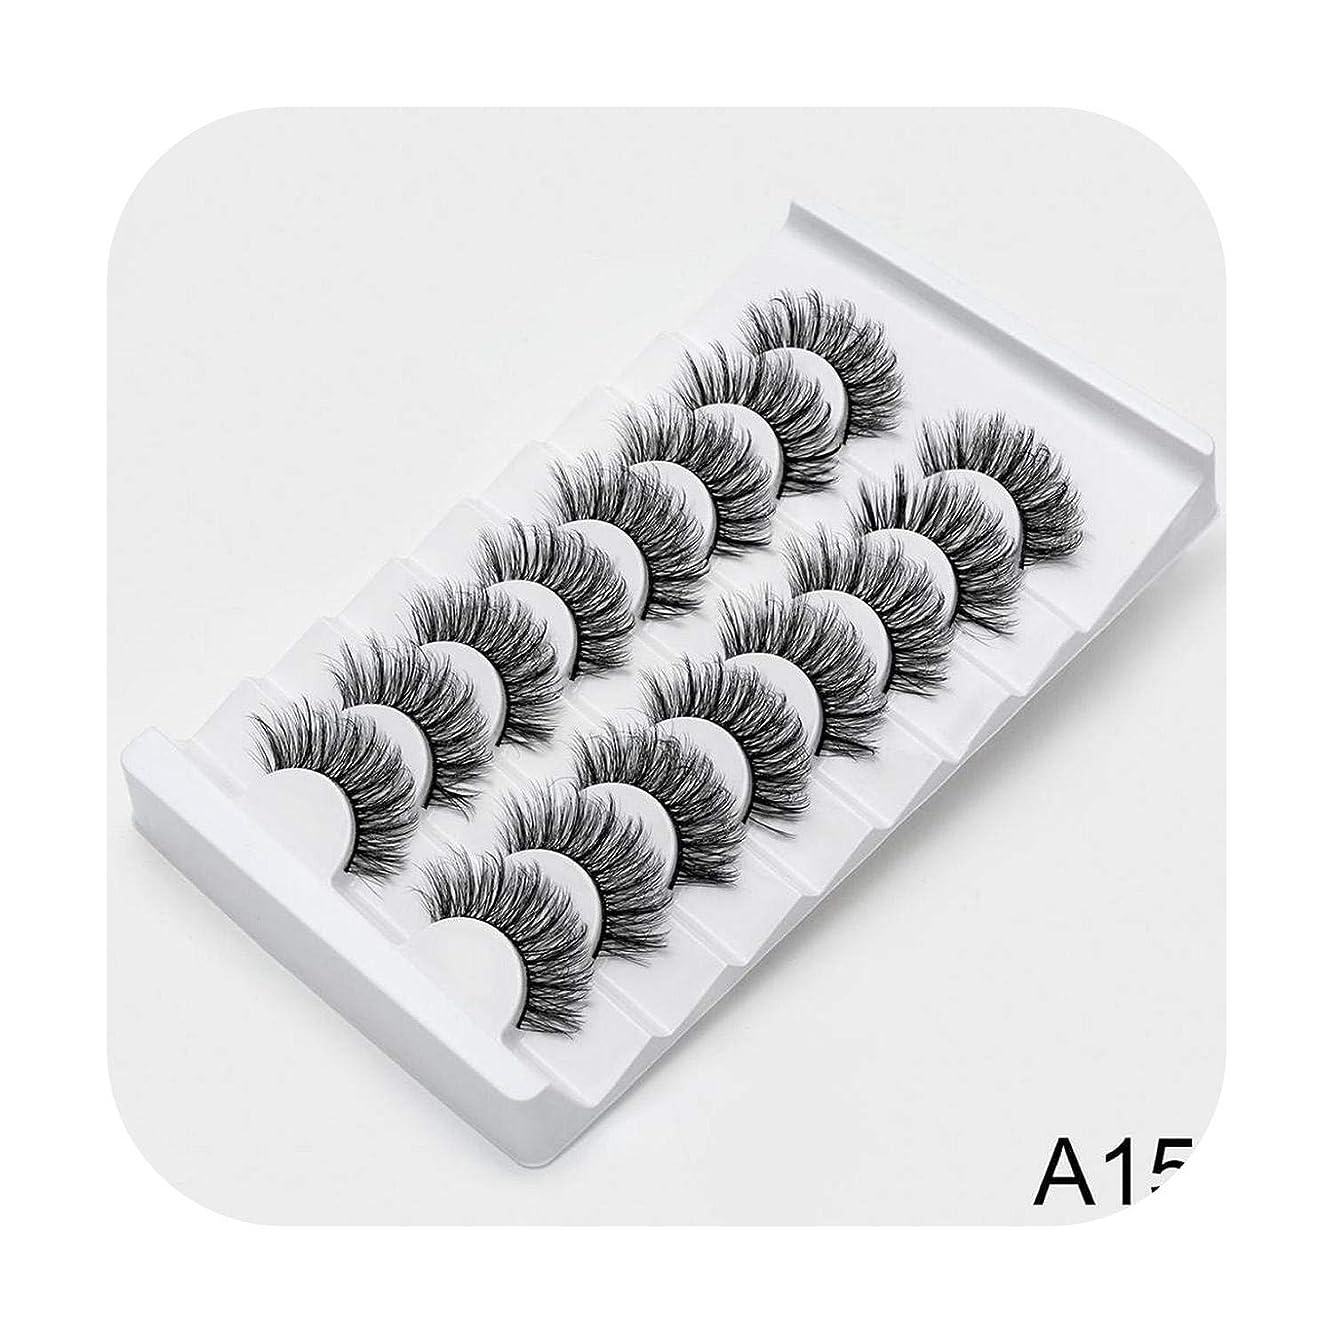 近代化する船尾昆虫を見るAKIROK 4/8ペア3Dミンクラッシュナチュラルつけまつげメイクアップアイラッシュエクステンションシルクアイラッシュ,A15,China